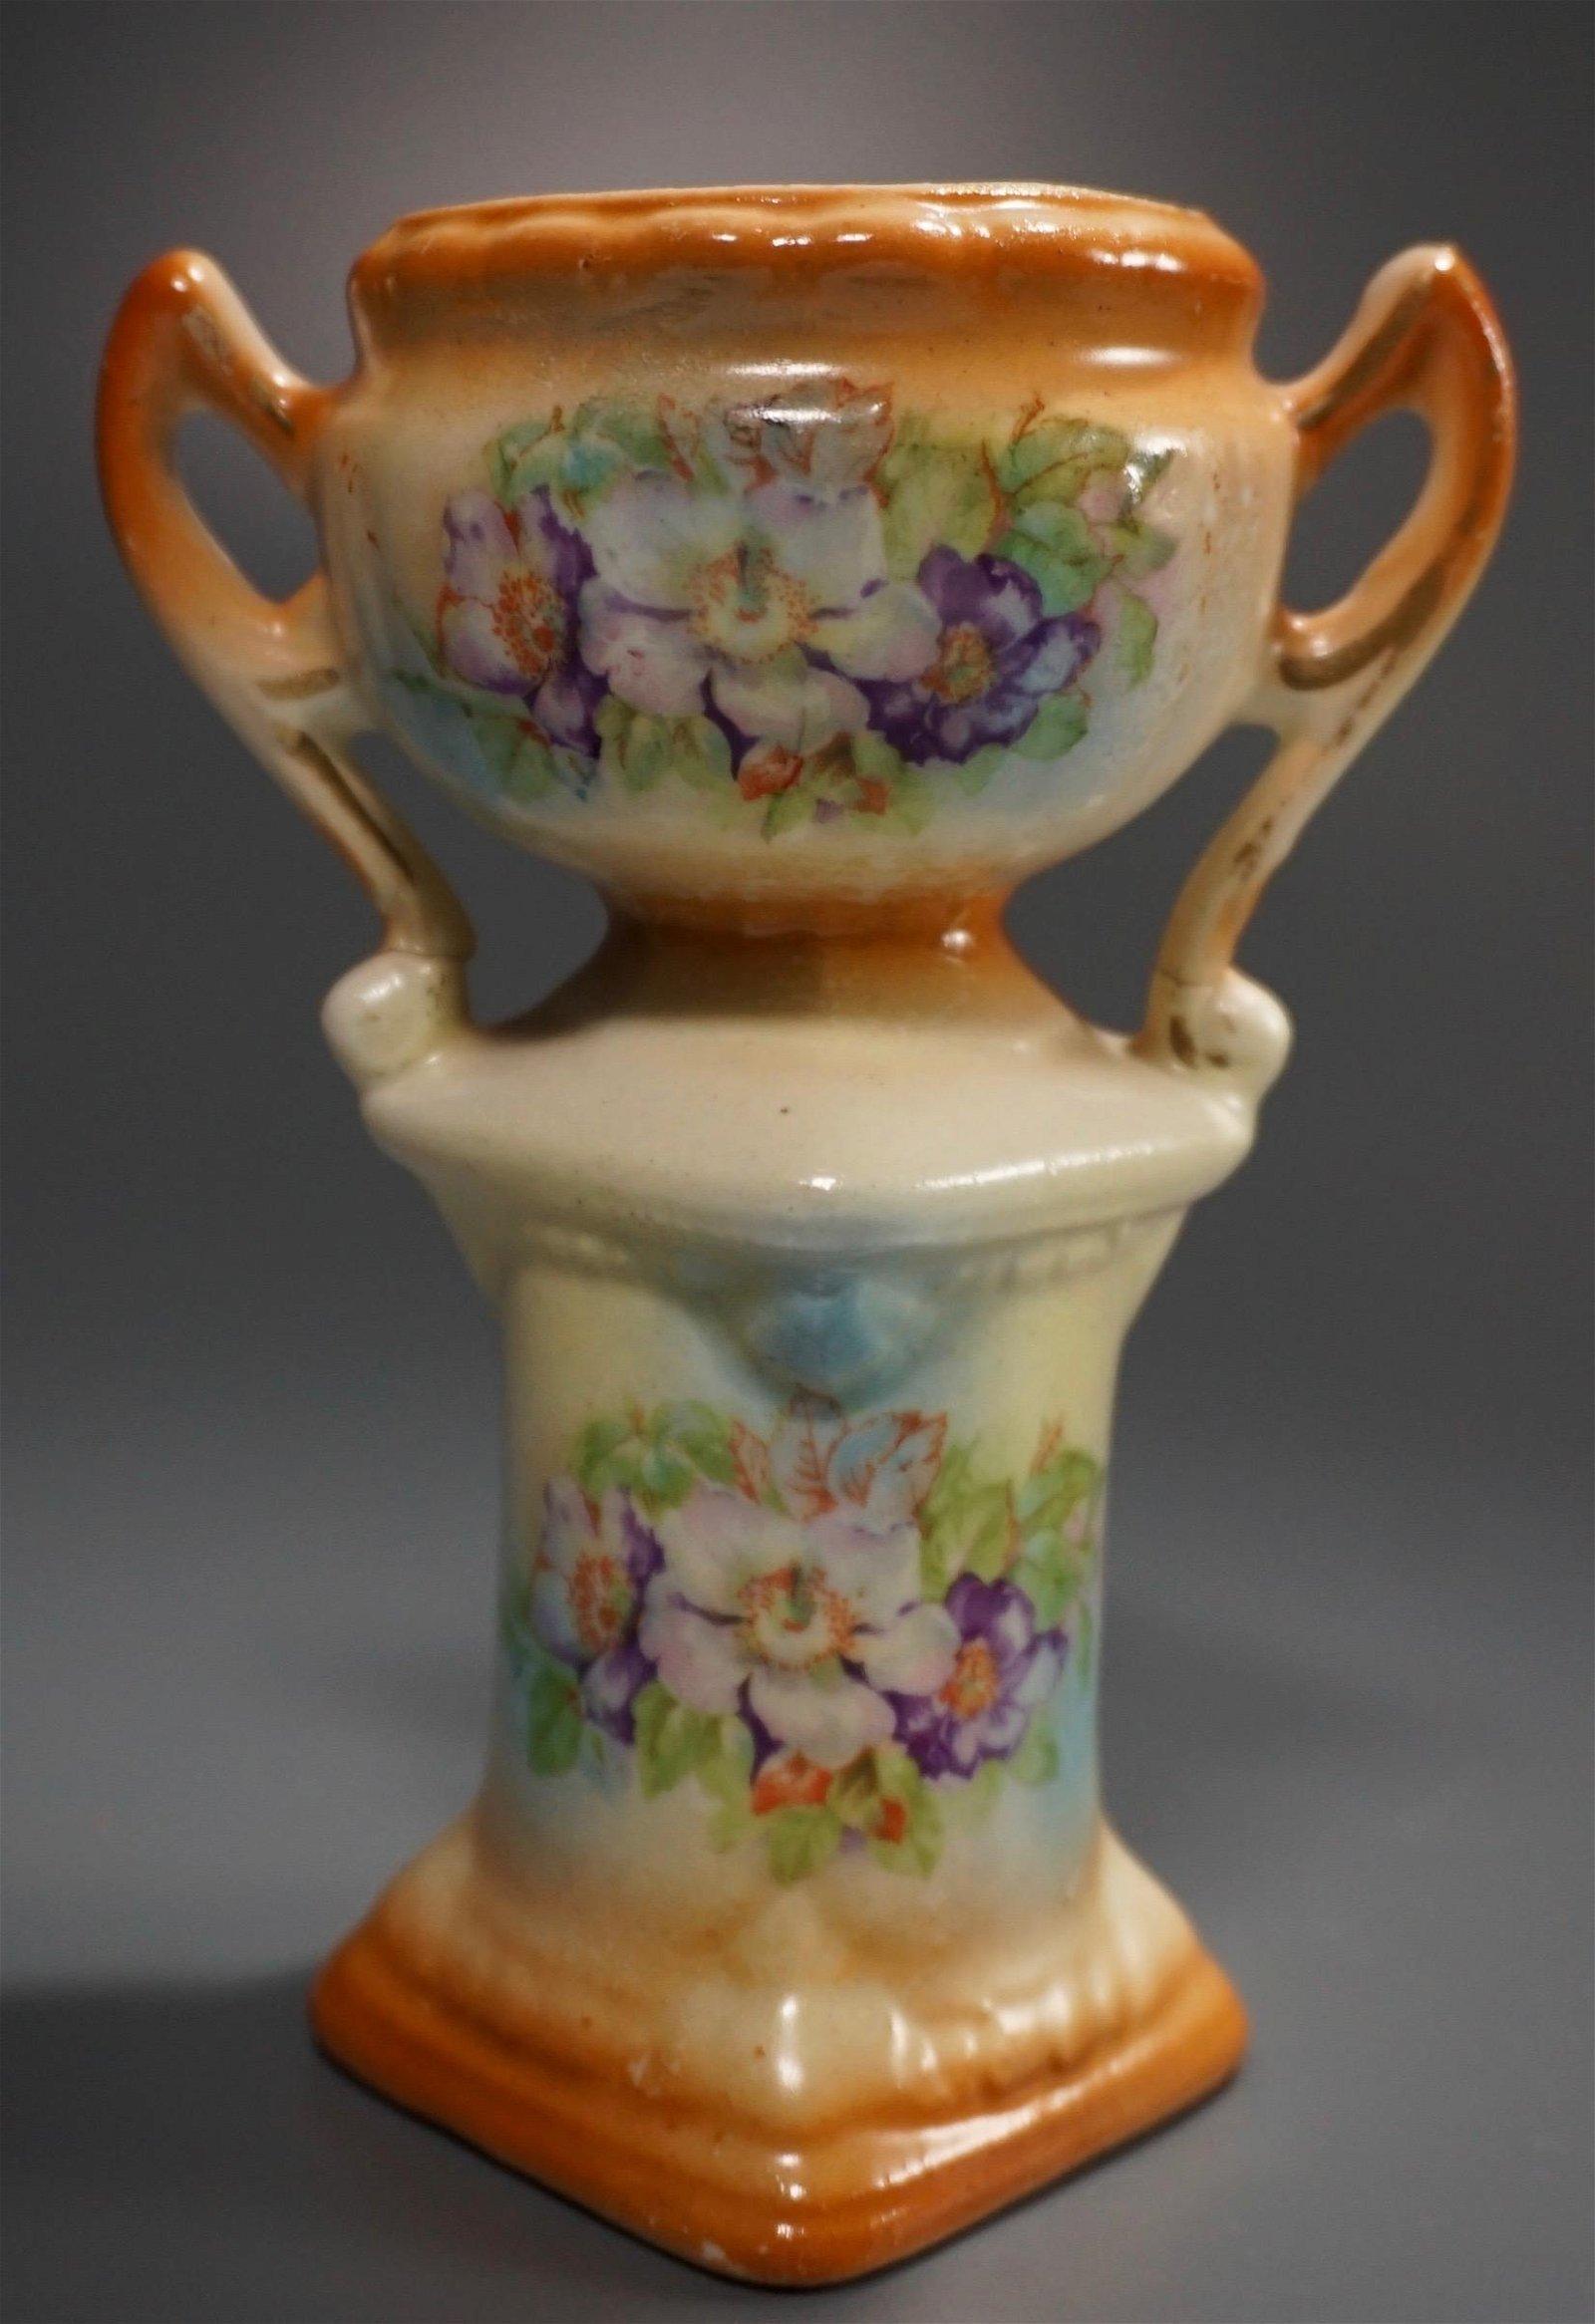 Antique Czechoslovakia Hand Painted Porcelain Urn Vase